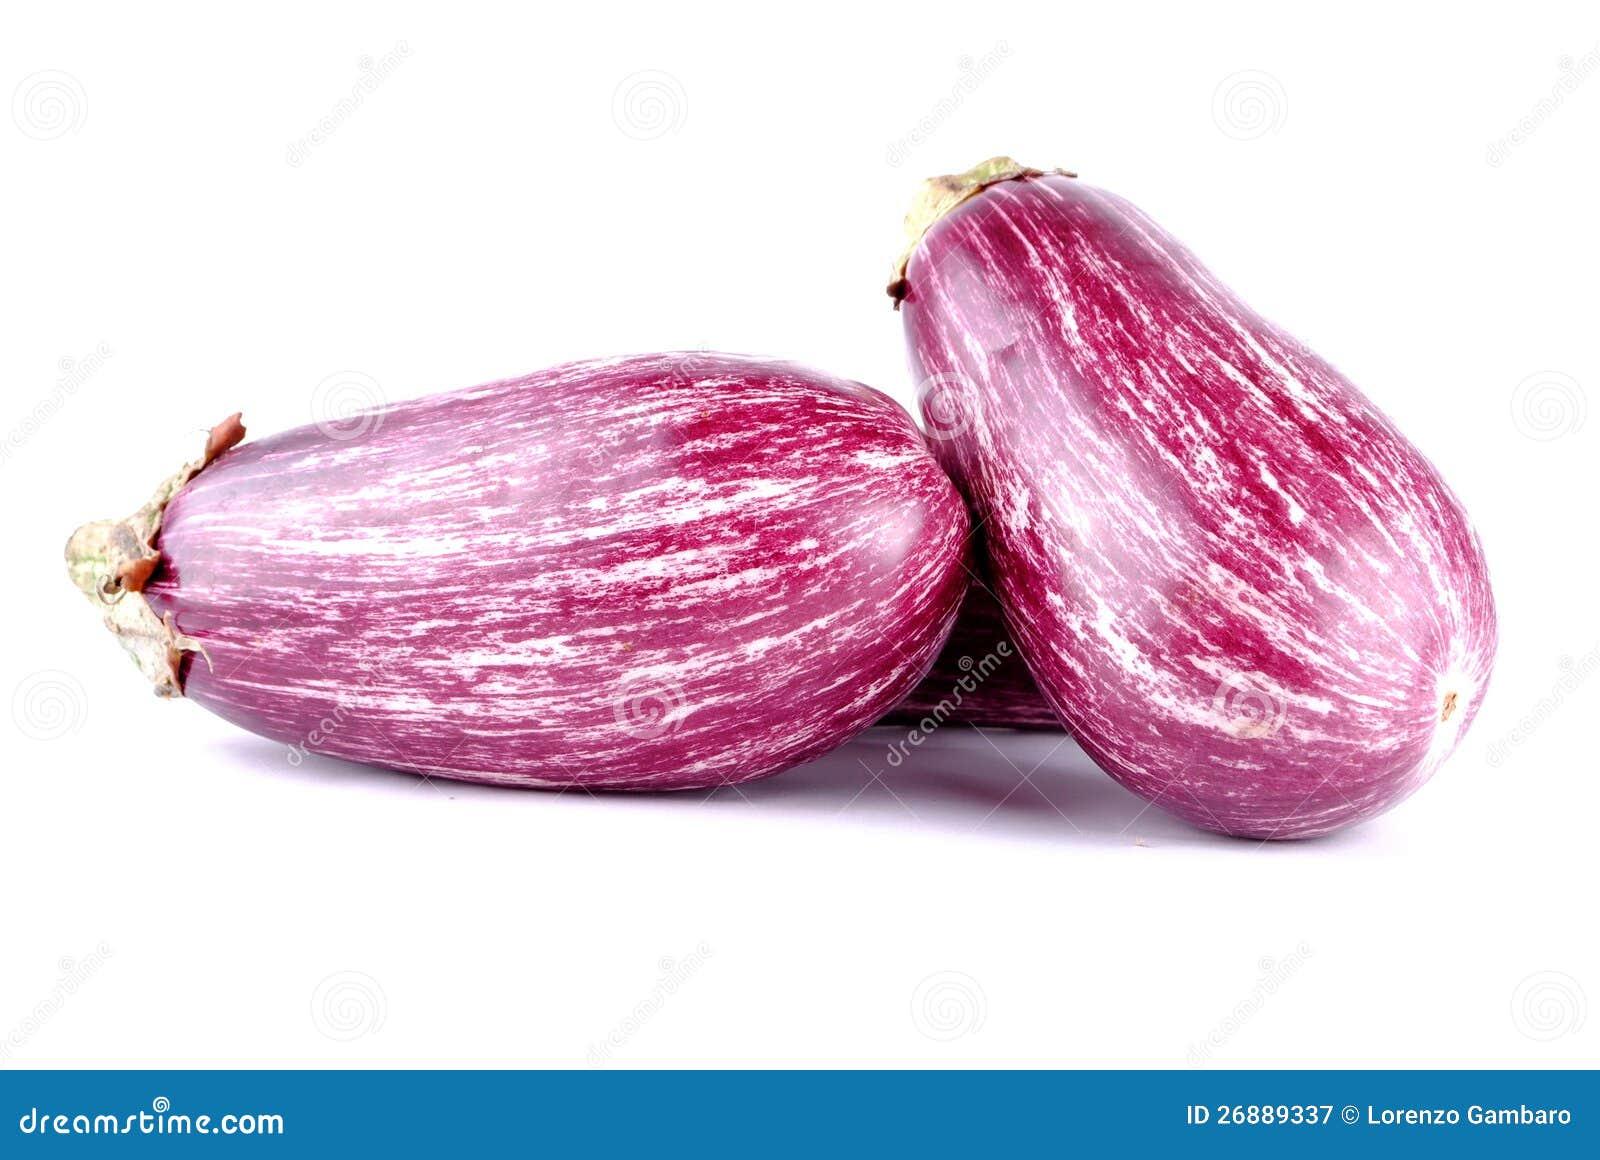 purpurrote gestreifte auberginen auf wei lizenzfreie stockfotografie bild 26889337. Black Bedroom Furniture Sets. Home Design Ideas